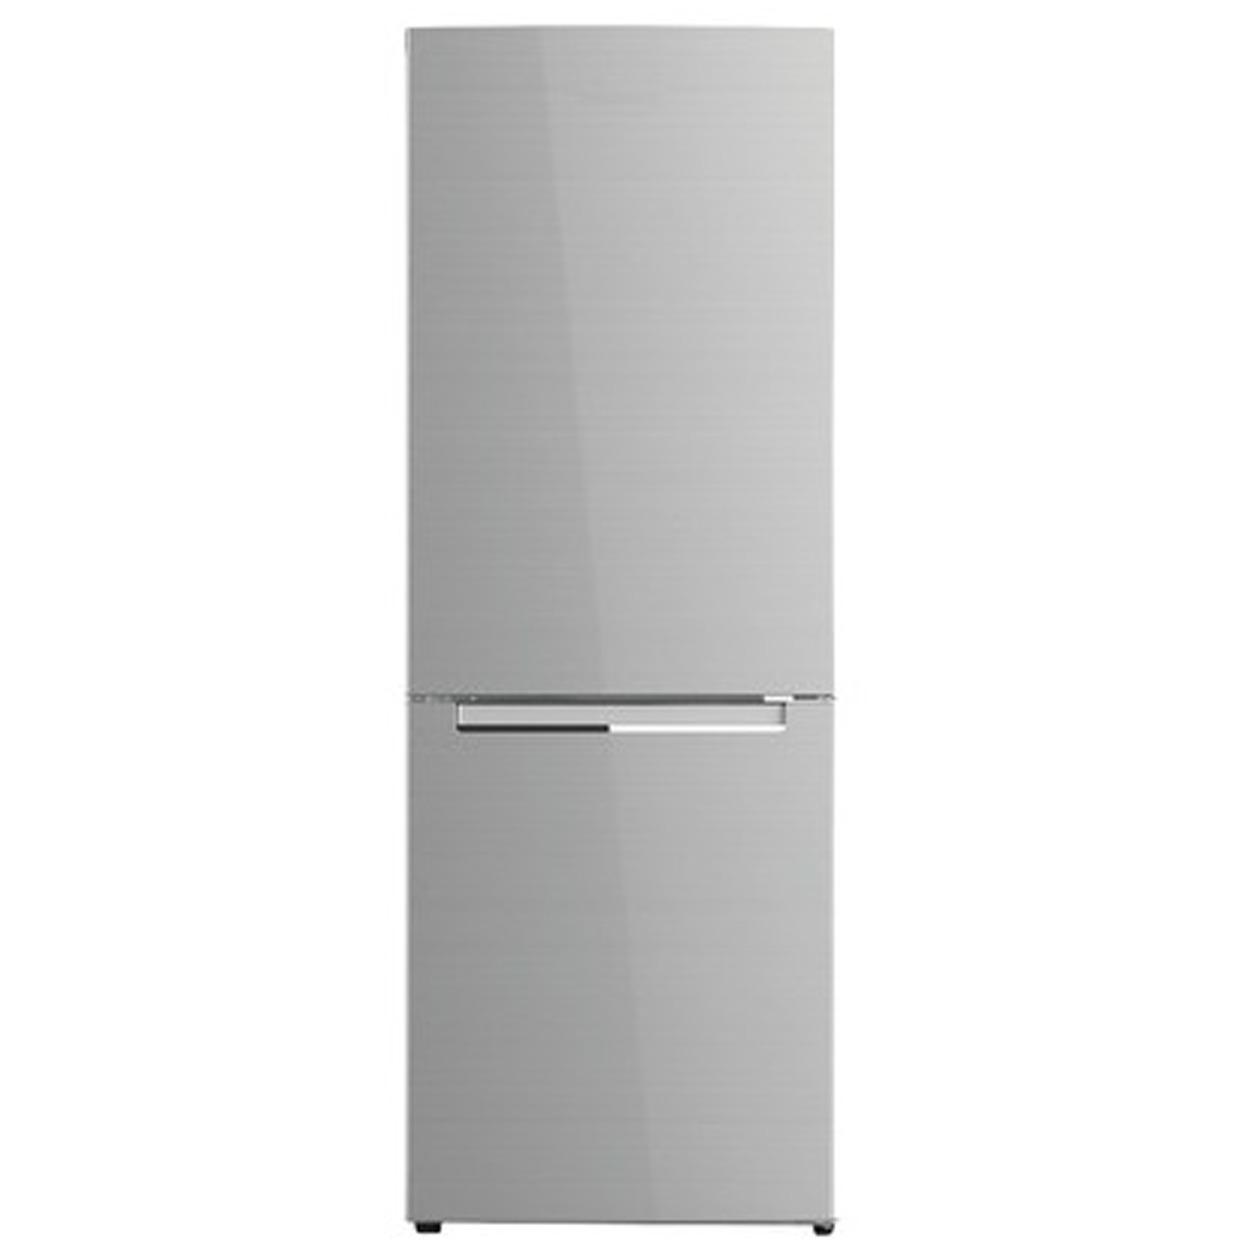 Schneider koelkast met vriesvak SKG 310.4 A++ Inox